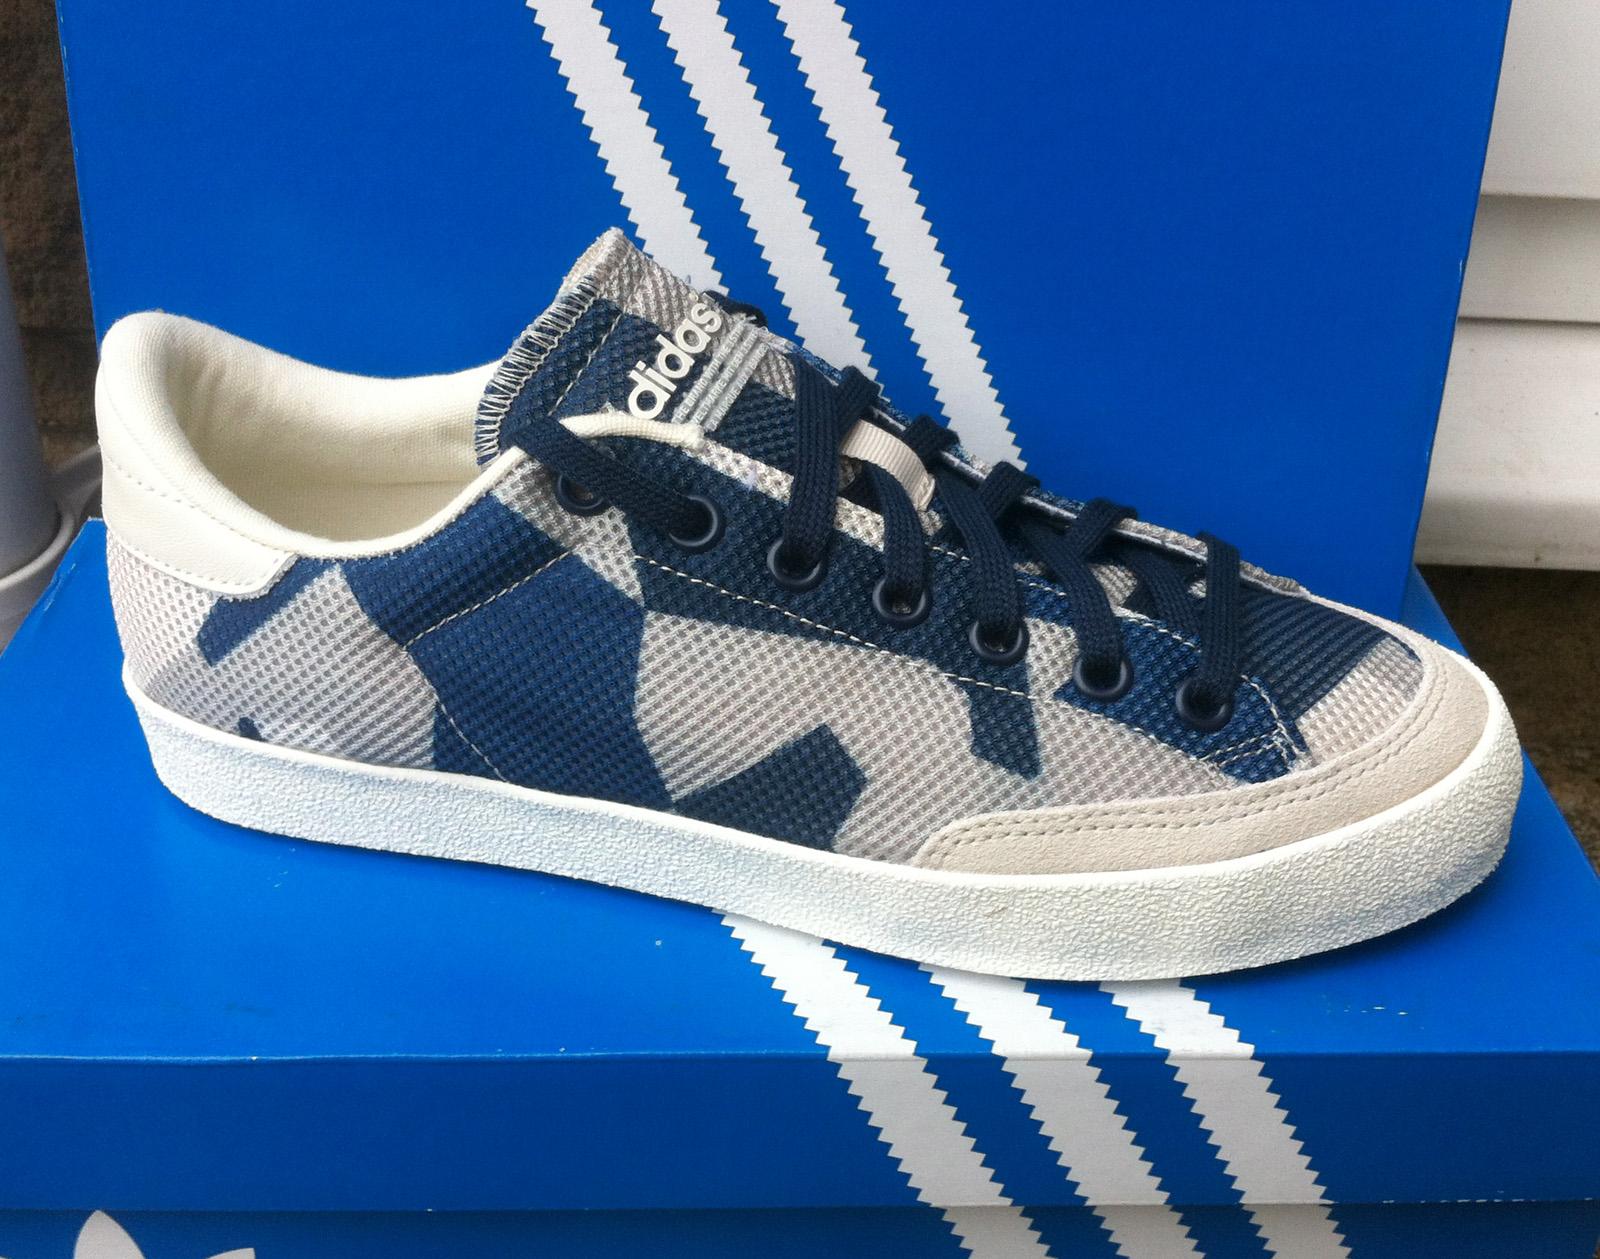 Details about New Mens Adidas Originals Rod Laver Prez Designer Sneakers Trainers Size 6 12 UK